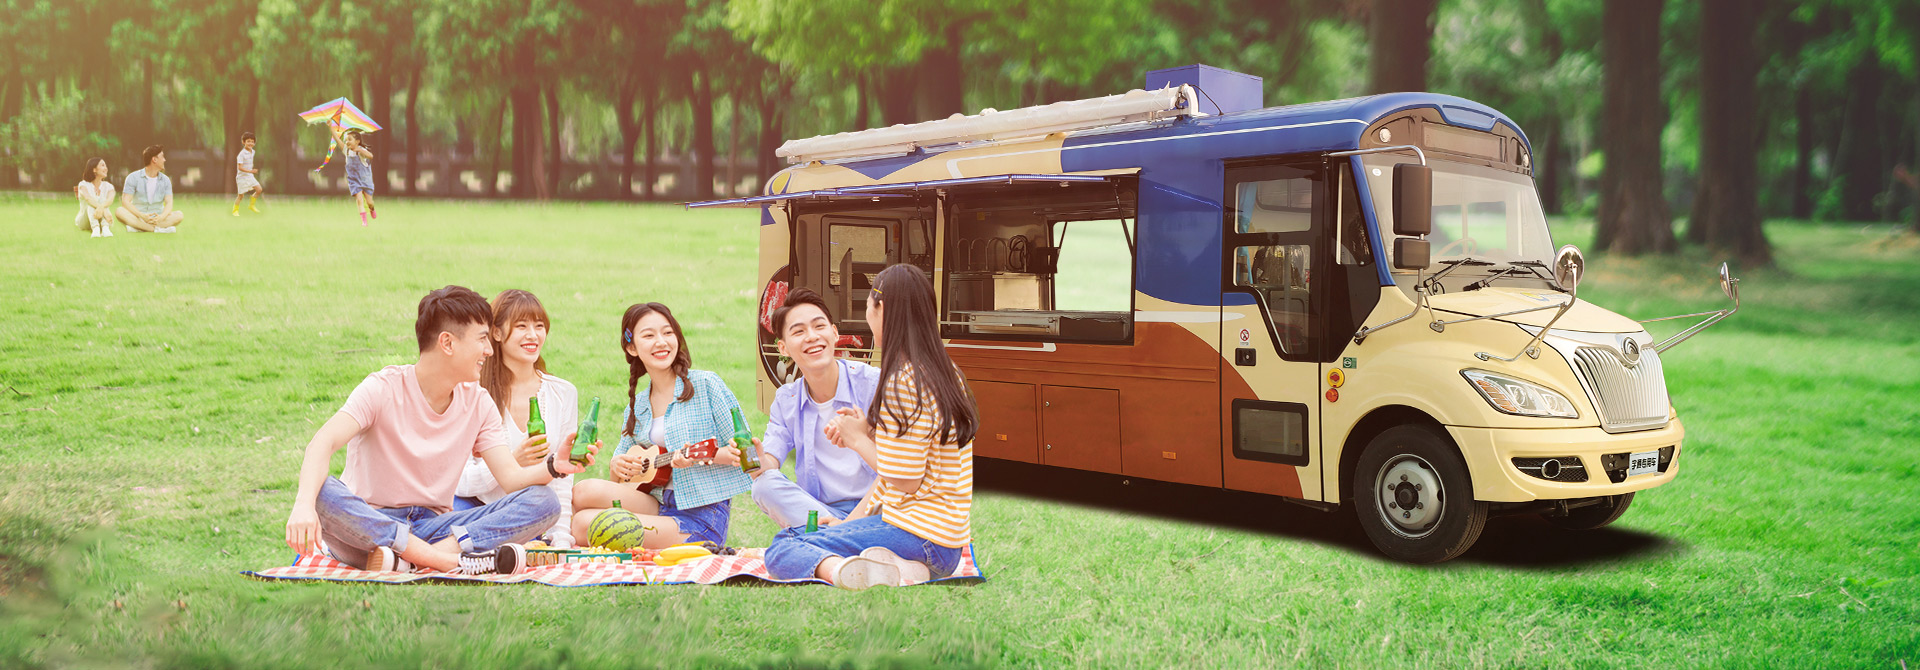 餐车banner1